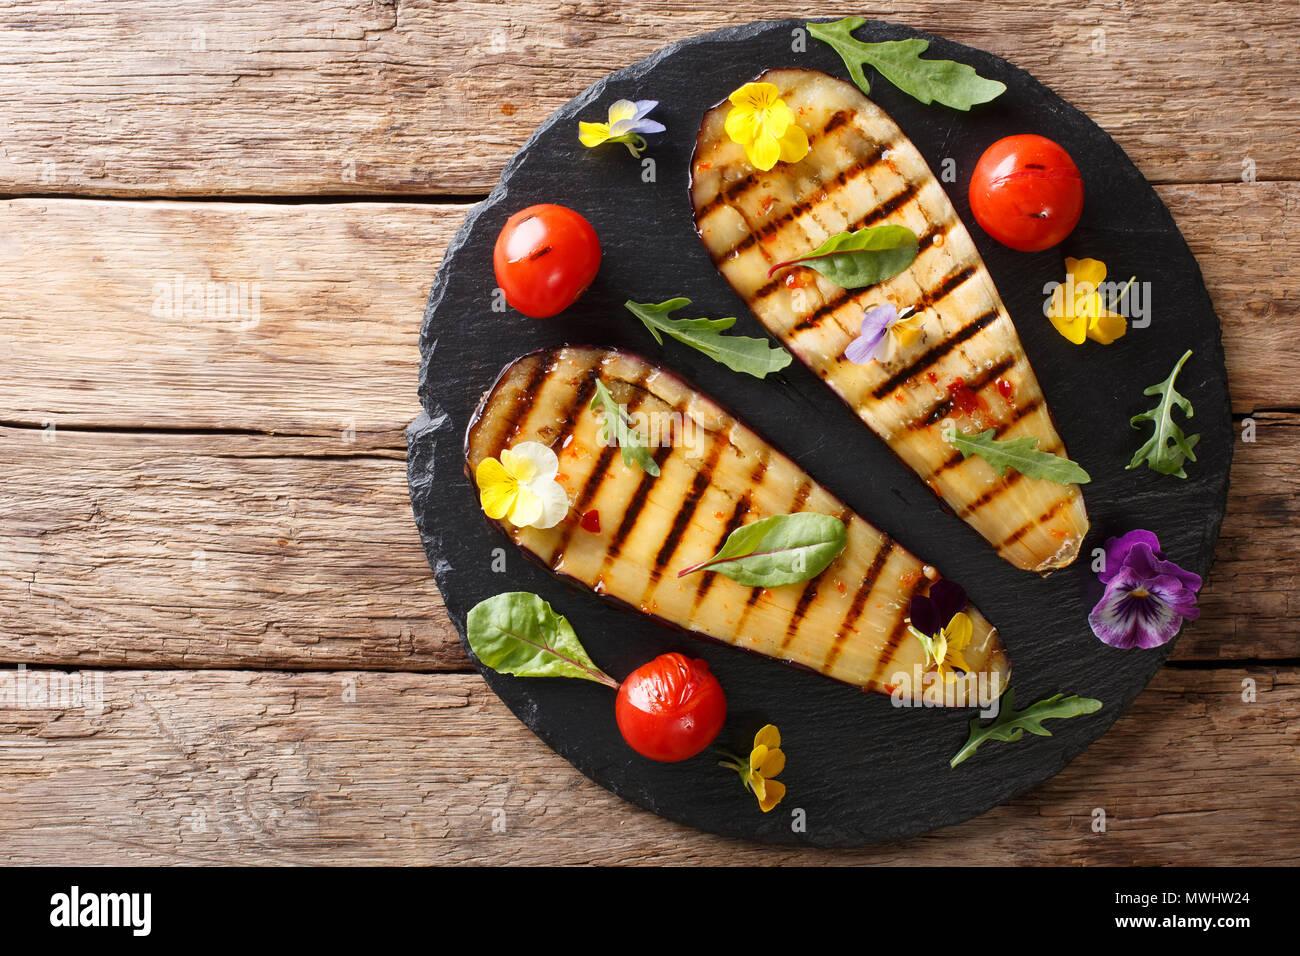 Passage de l'aubergine et tomate aux fines herbes et fleurs comestibles gros plan sur la table. haut horizontale Vue de dessus Photo Stock